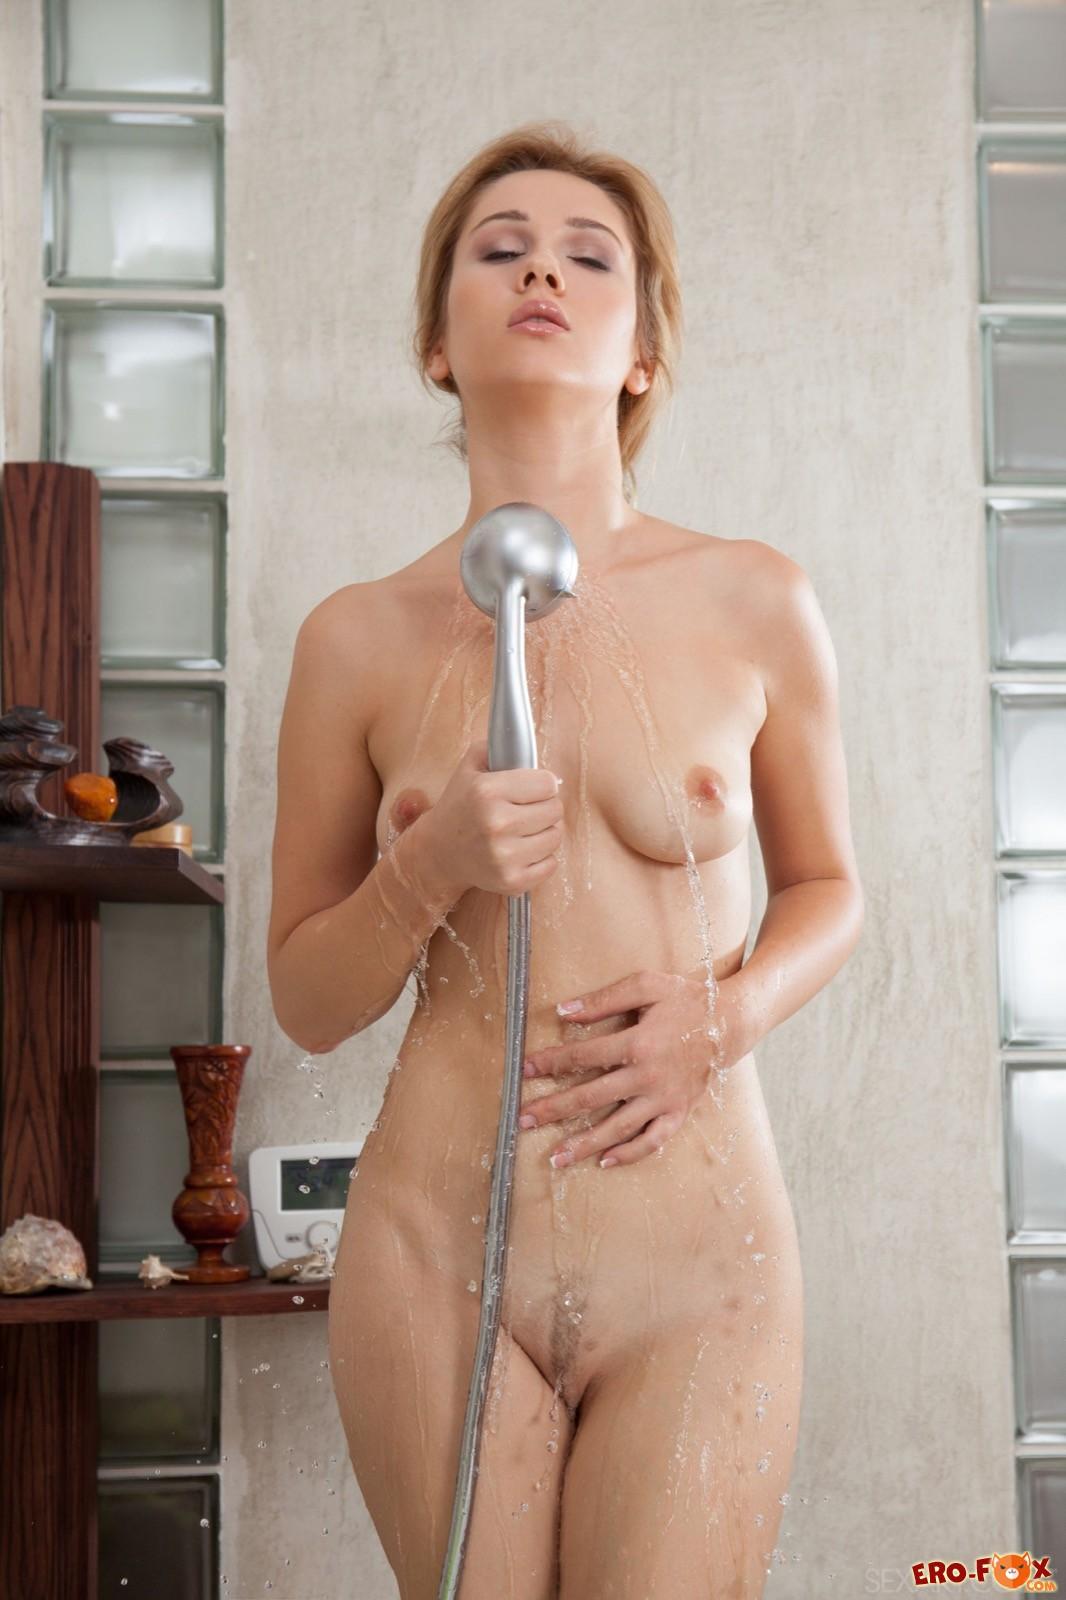 Голая девушка эротично обливается водой в ванной